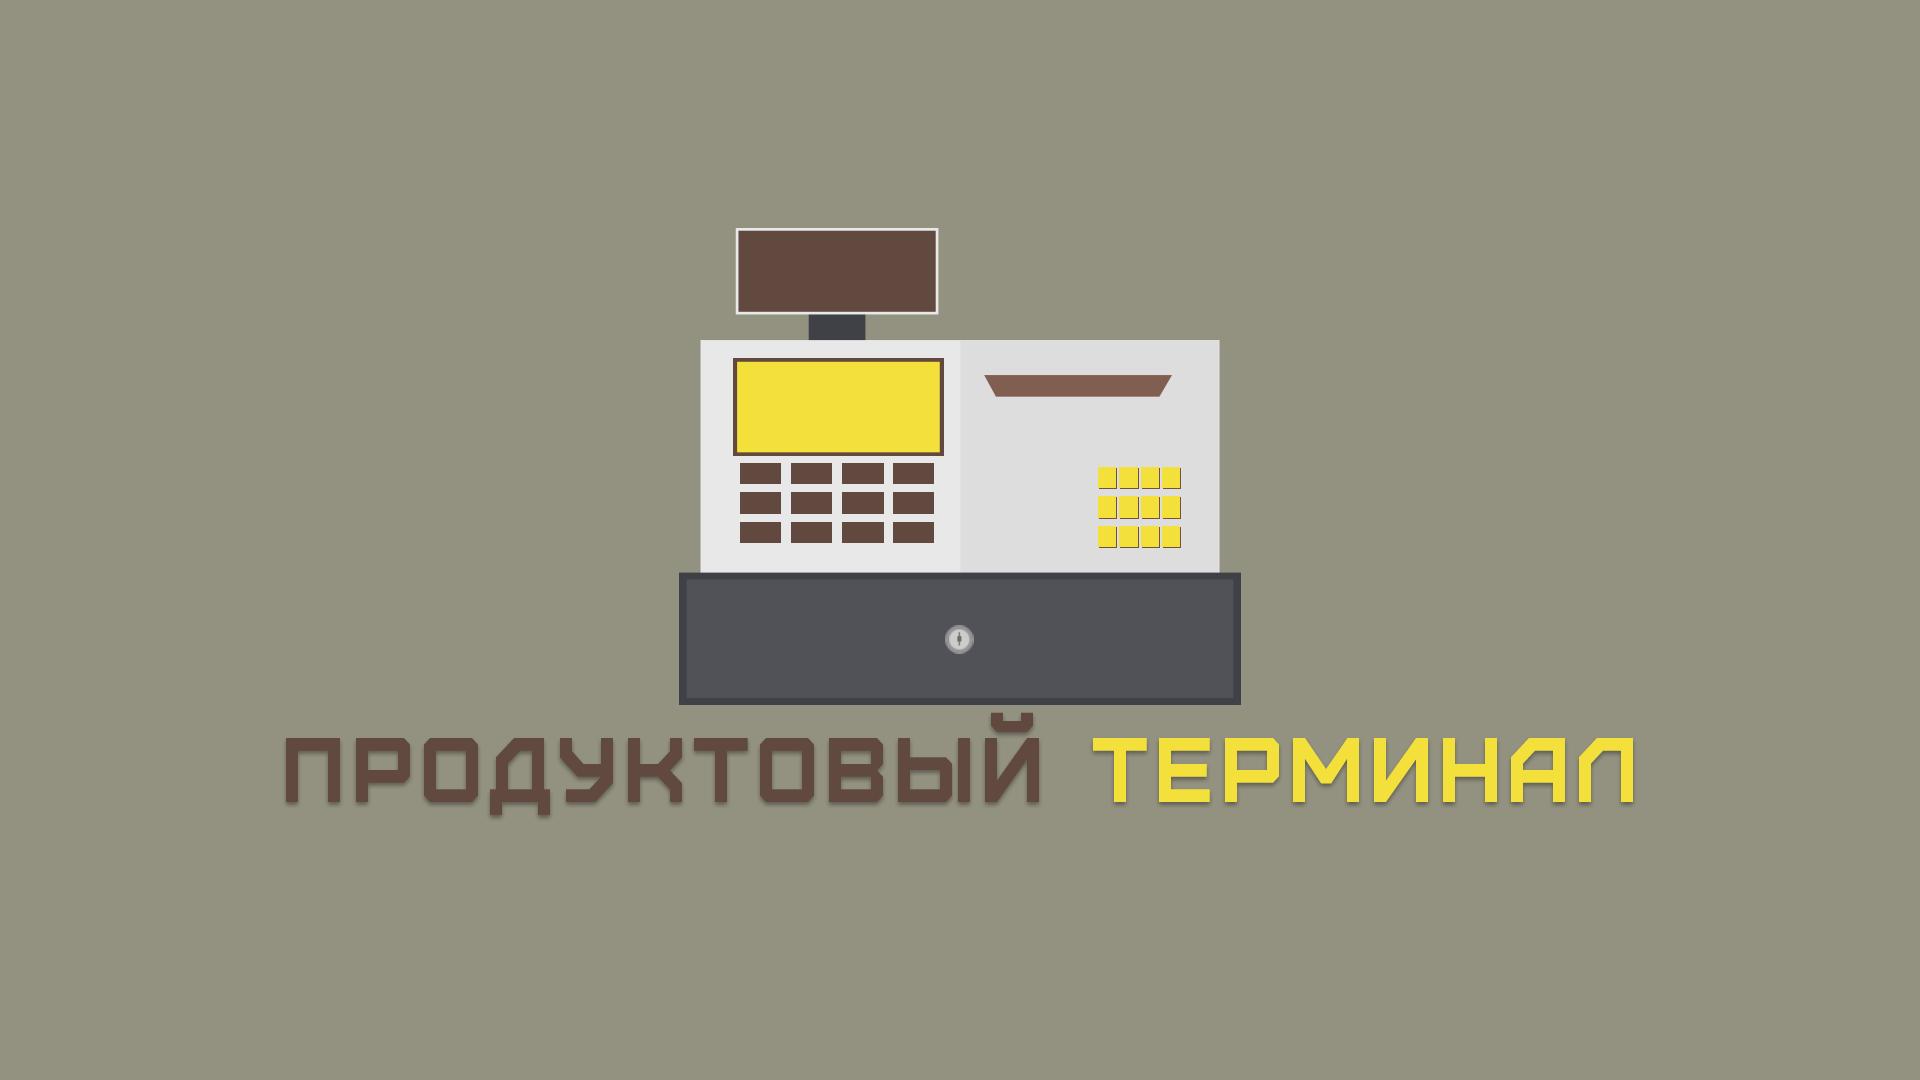 Логотип для сети продуктовых магазинов фото f_94856f9153bcc8e3.png